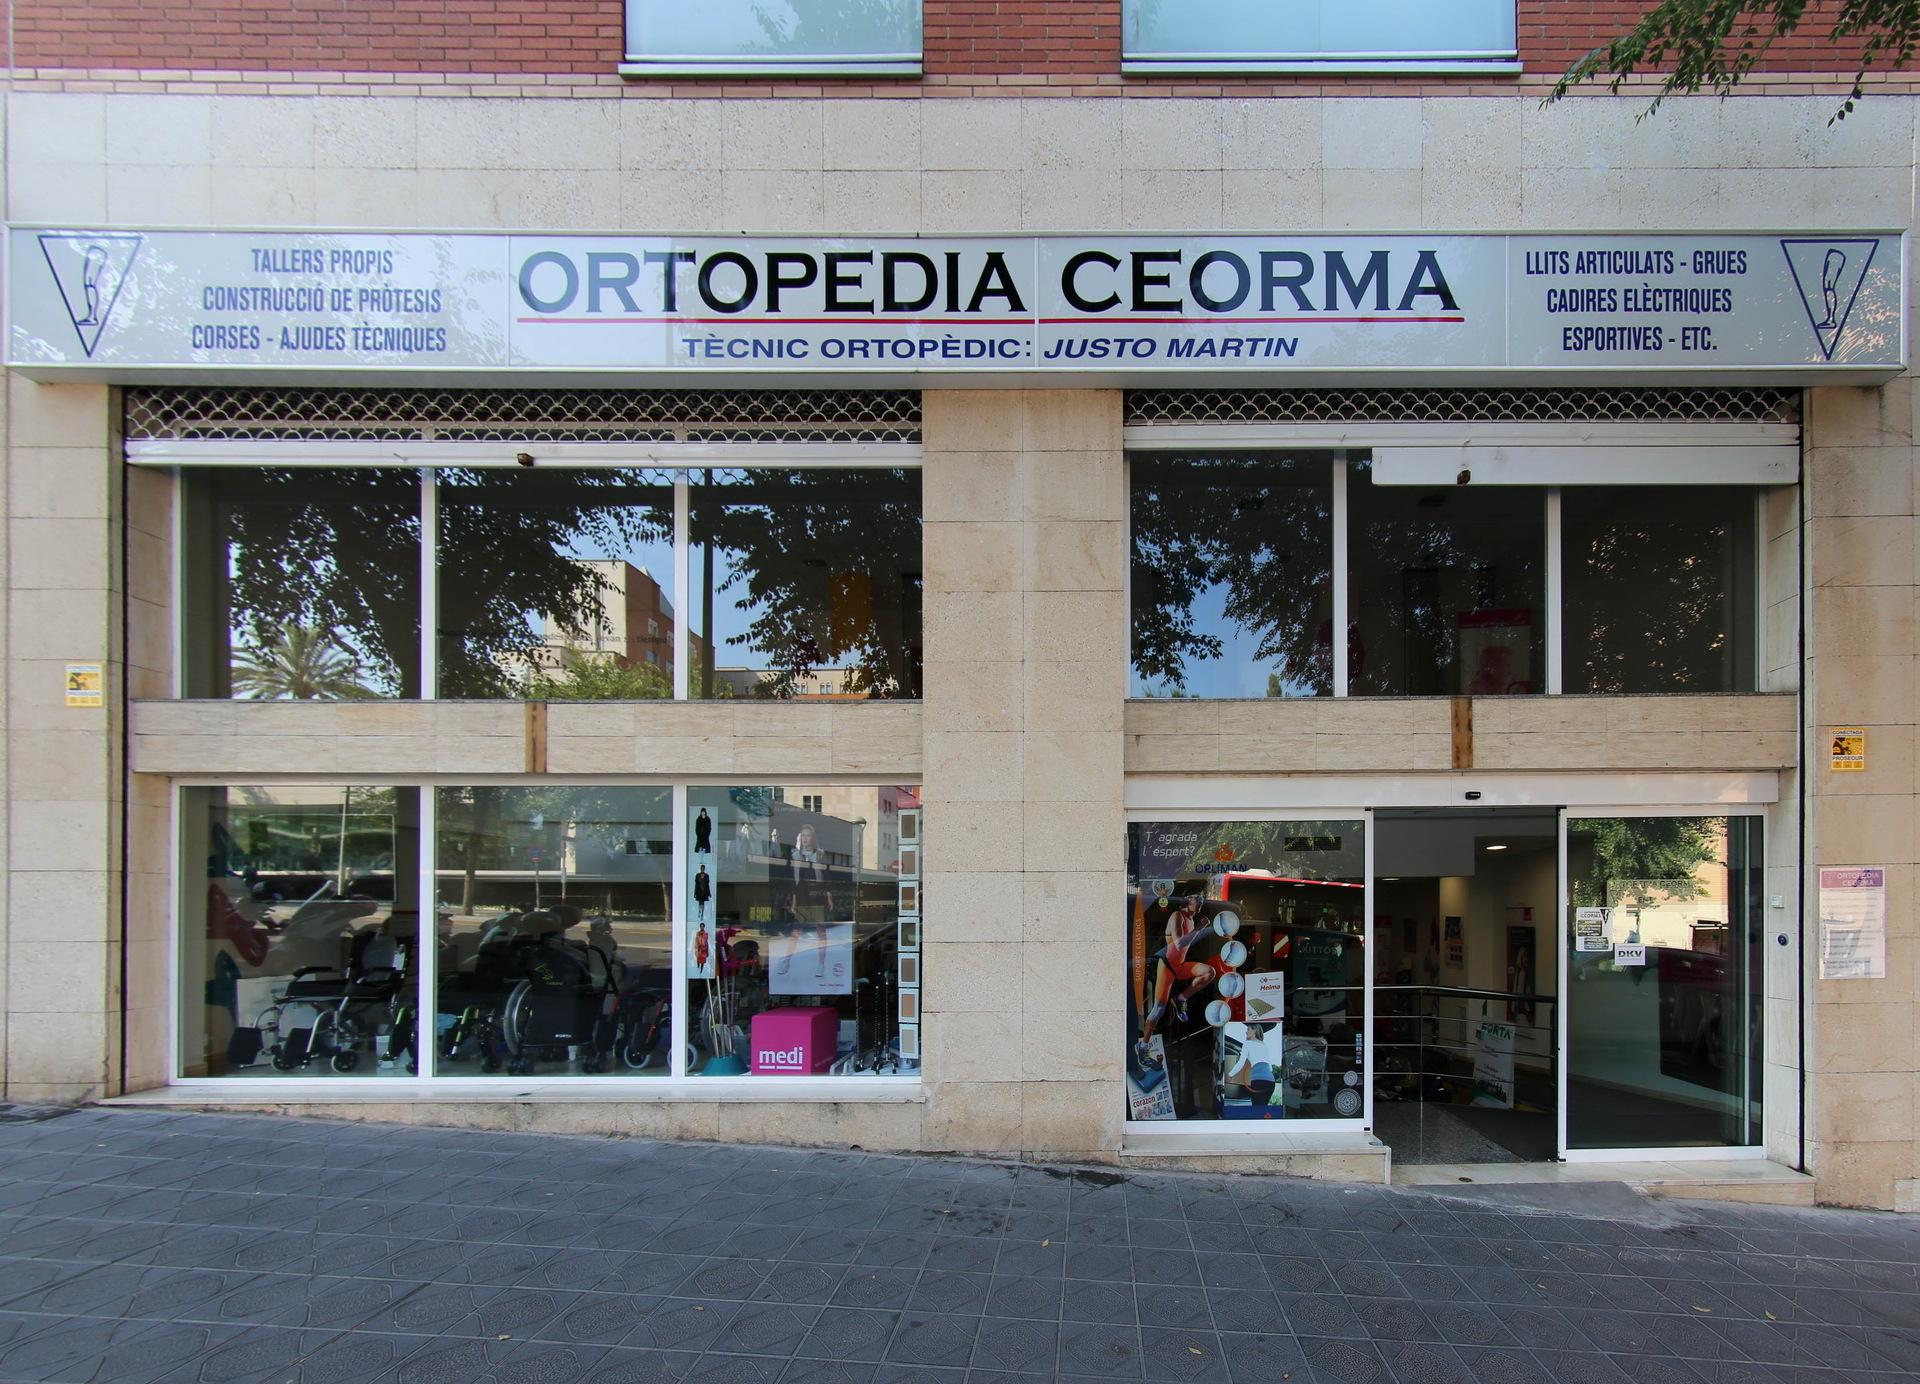 Foto 1 de Ortopedia en Tarragona | Ceorma, S.L.